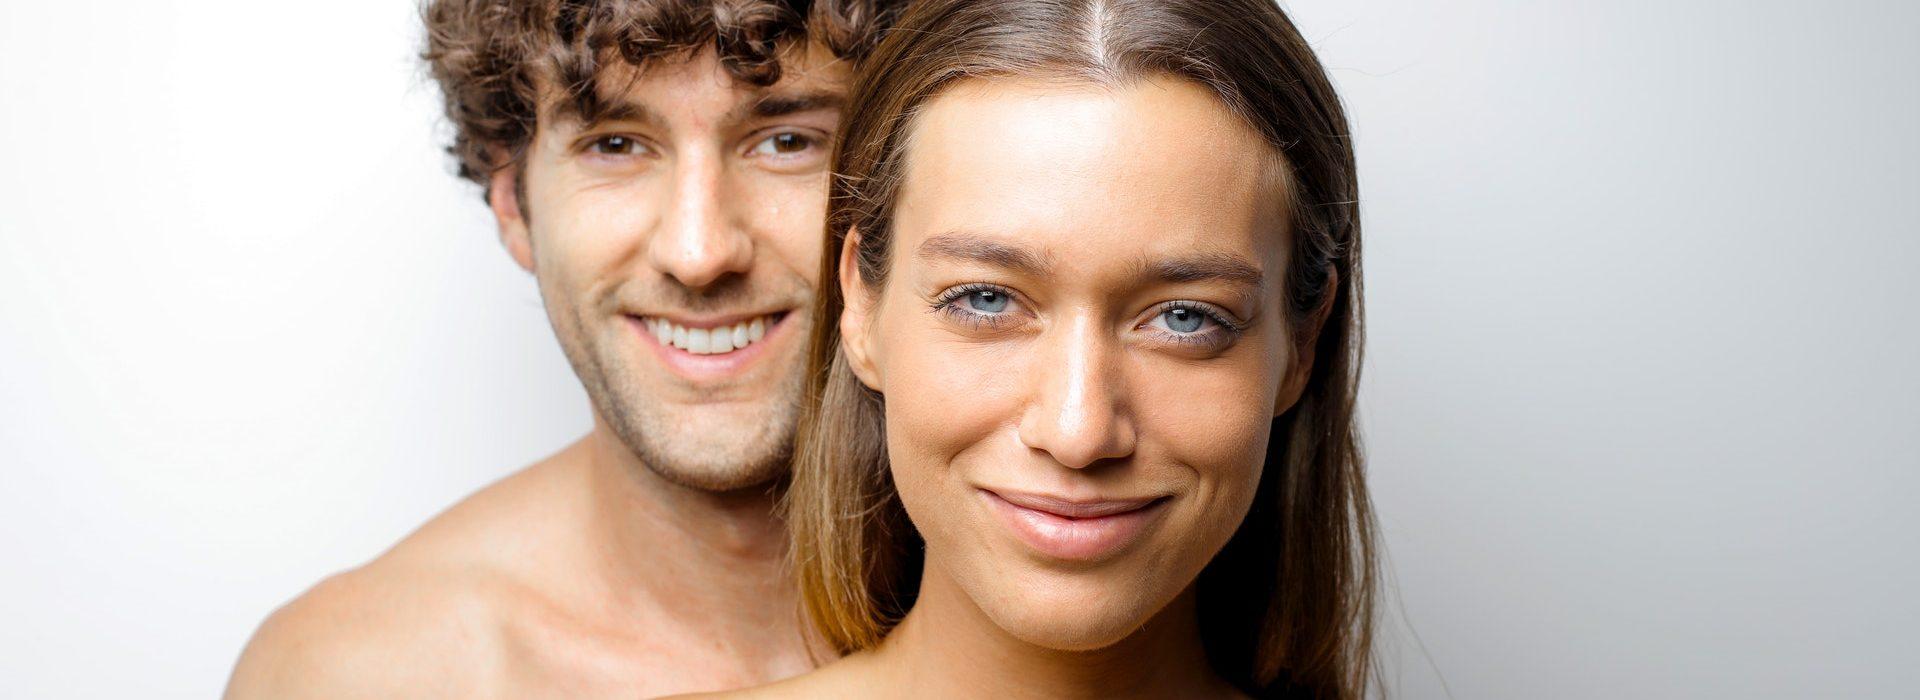 Ein Paarfoto eines jungen Paares